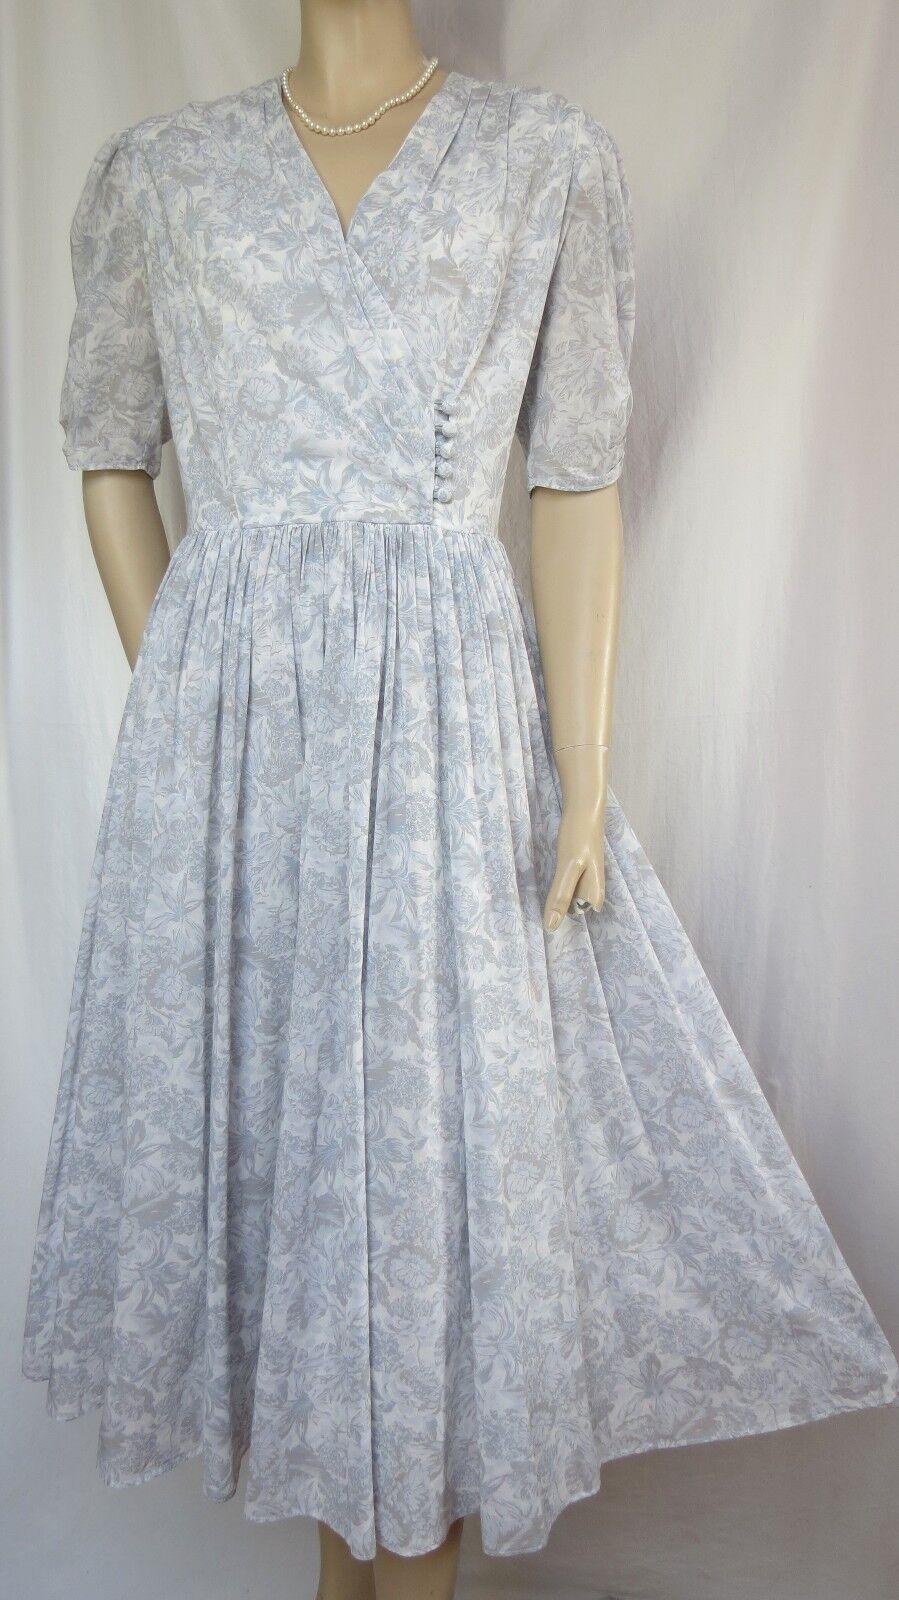 50ef70ea9a6b1c Laura Ashley Kleid 36 blau Blumen Baumwolle Hochzeit Sommer grau vintage  npqsku8043-Kleider